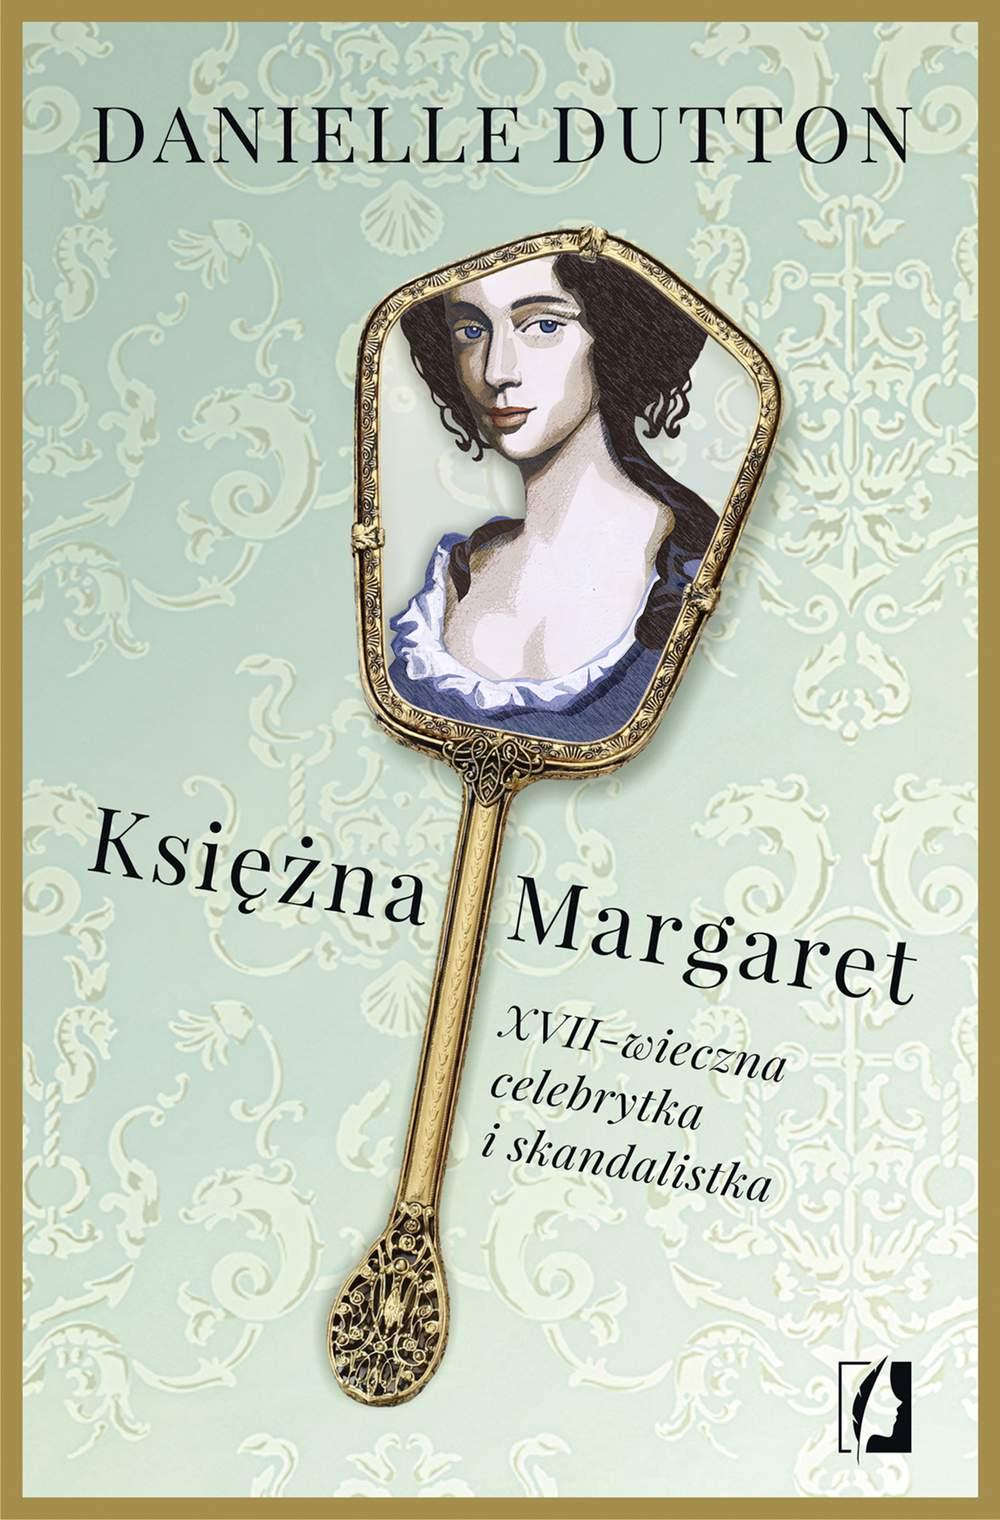 Księżna Margaret. XVII-wieczna skandalistka i celebrytka - Ebook (Książka EPUB) do pobrania w formacie EPUB